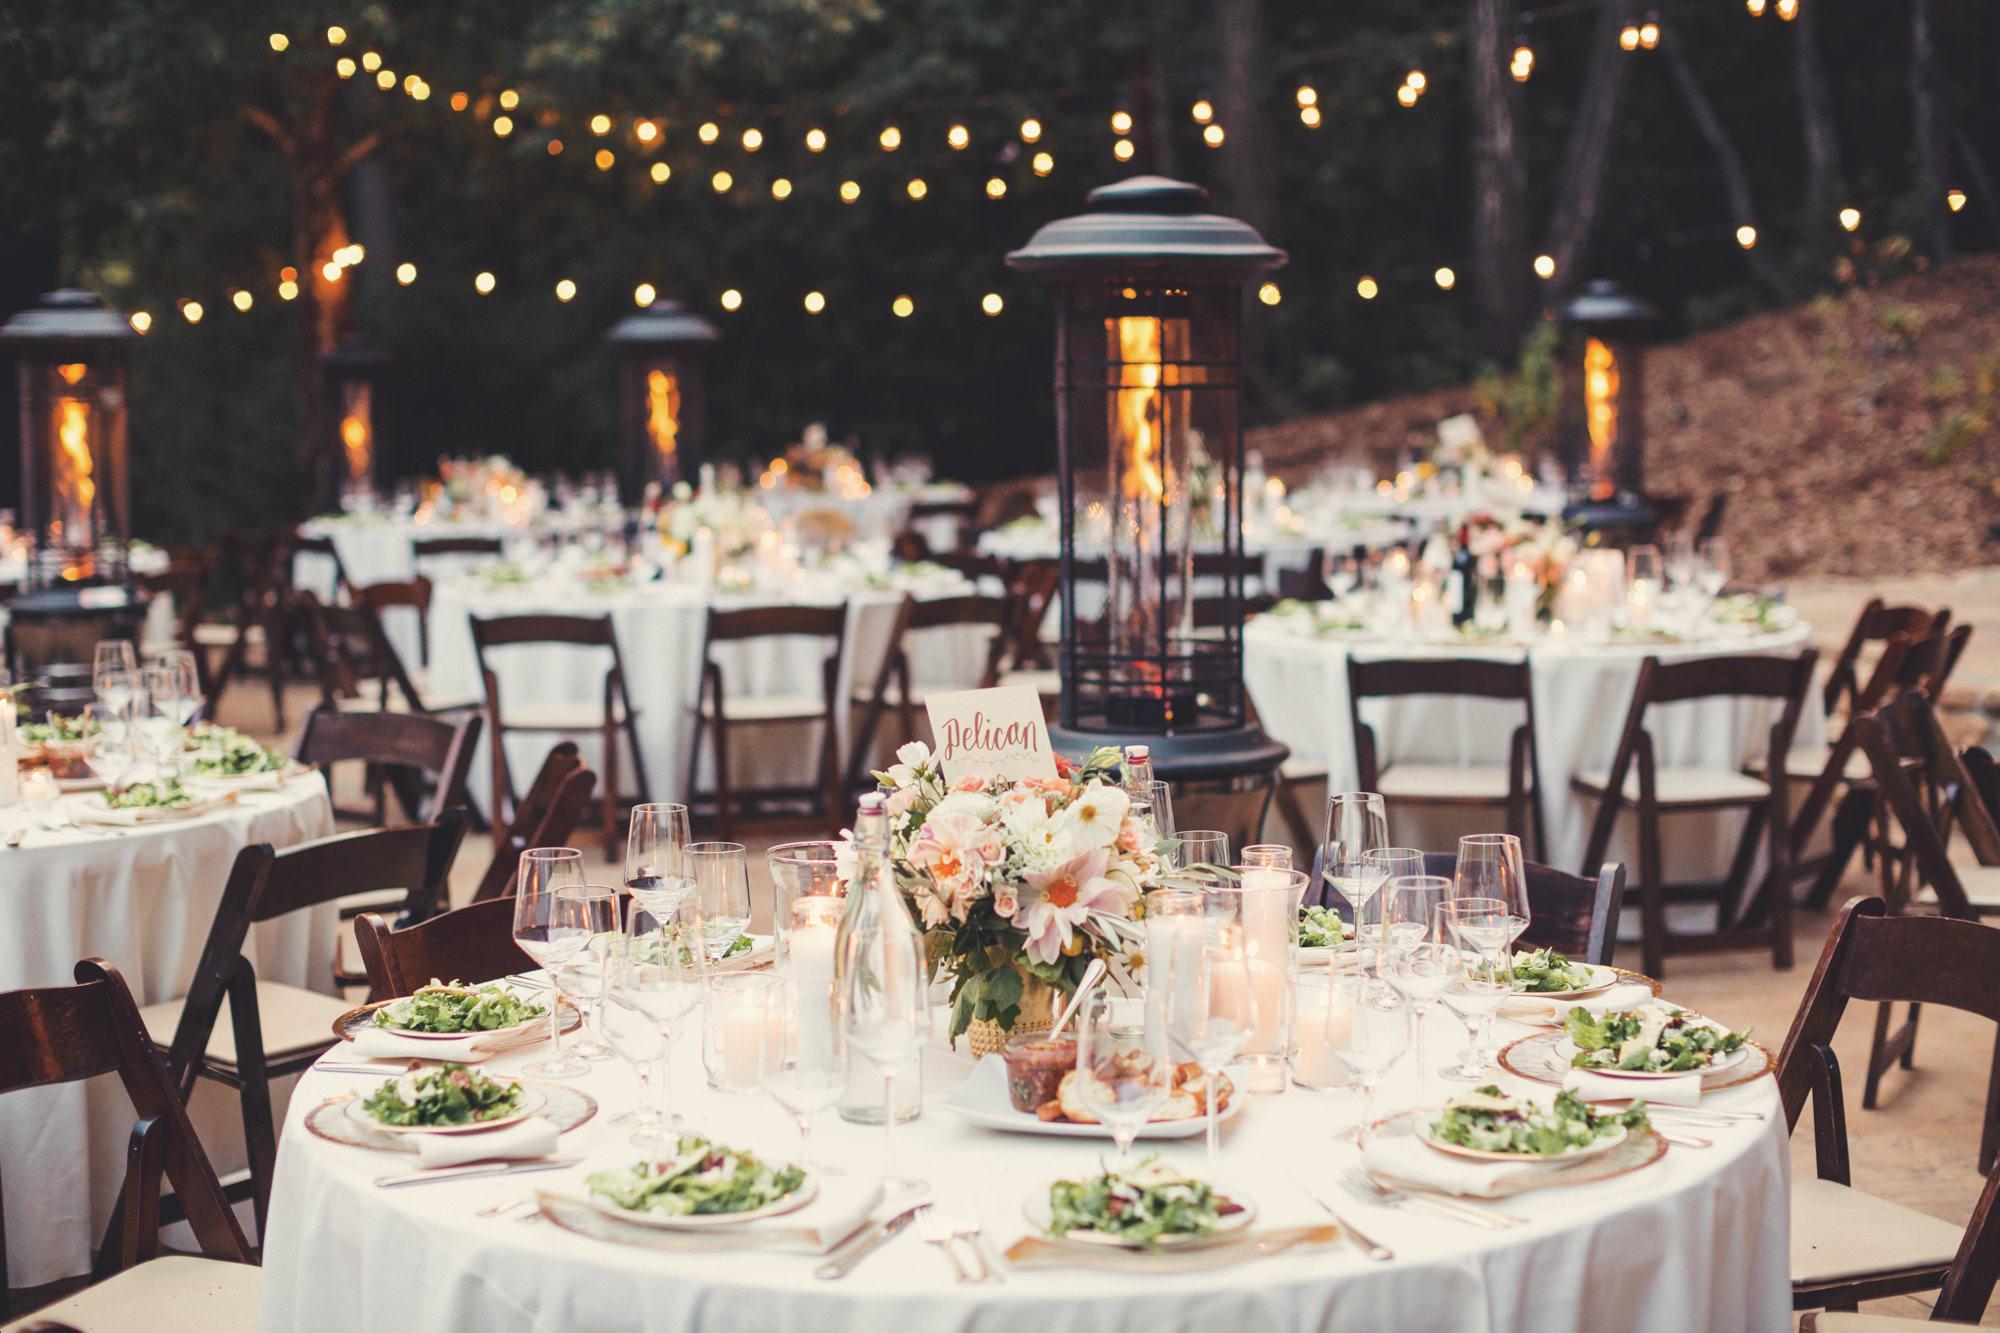 Sequoia Retreat Center Wedding@Anne-Claire Brun 173